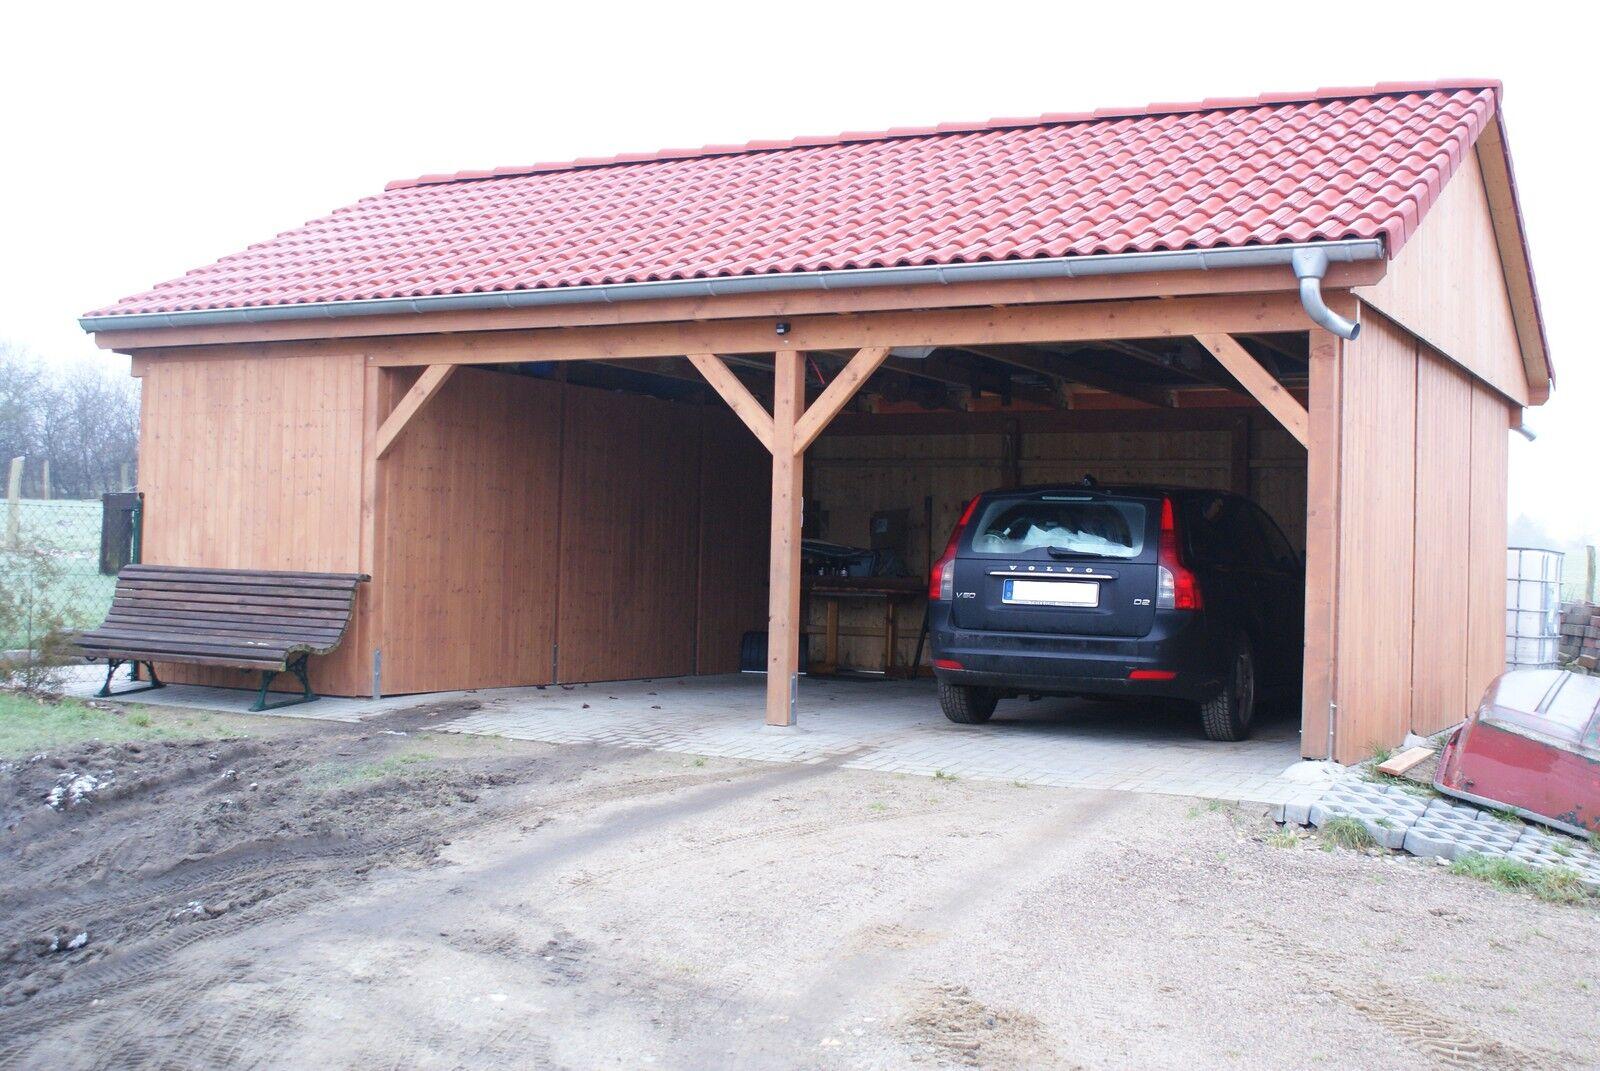 Carport 5 00 x 7 40 m satteldach 15 leimholz si for Carport leimholz